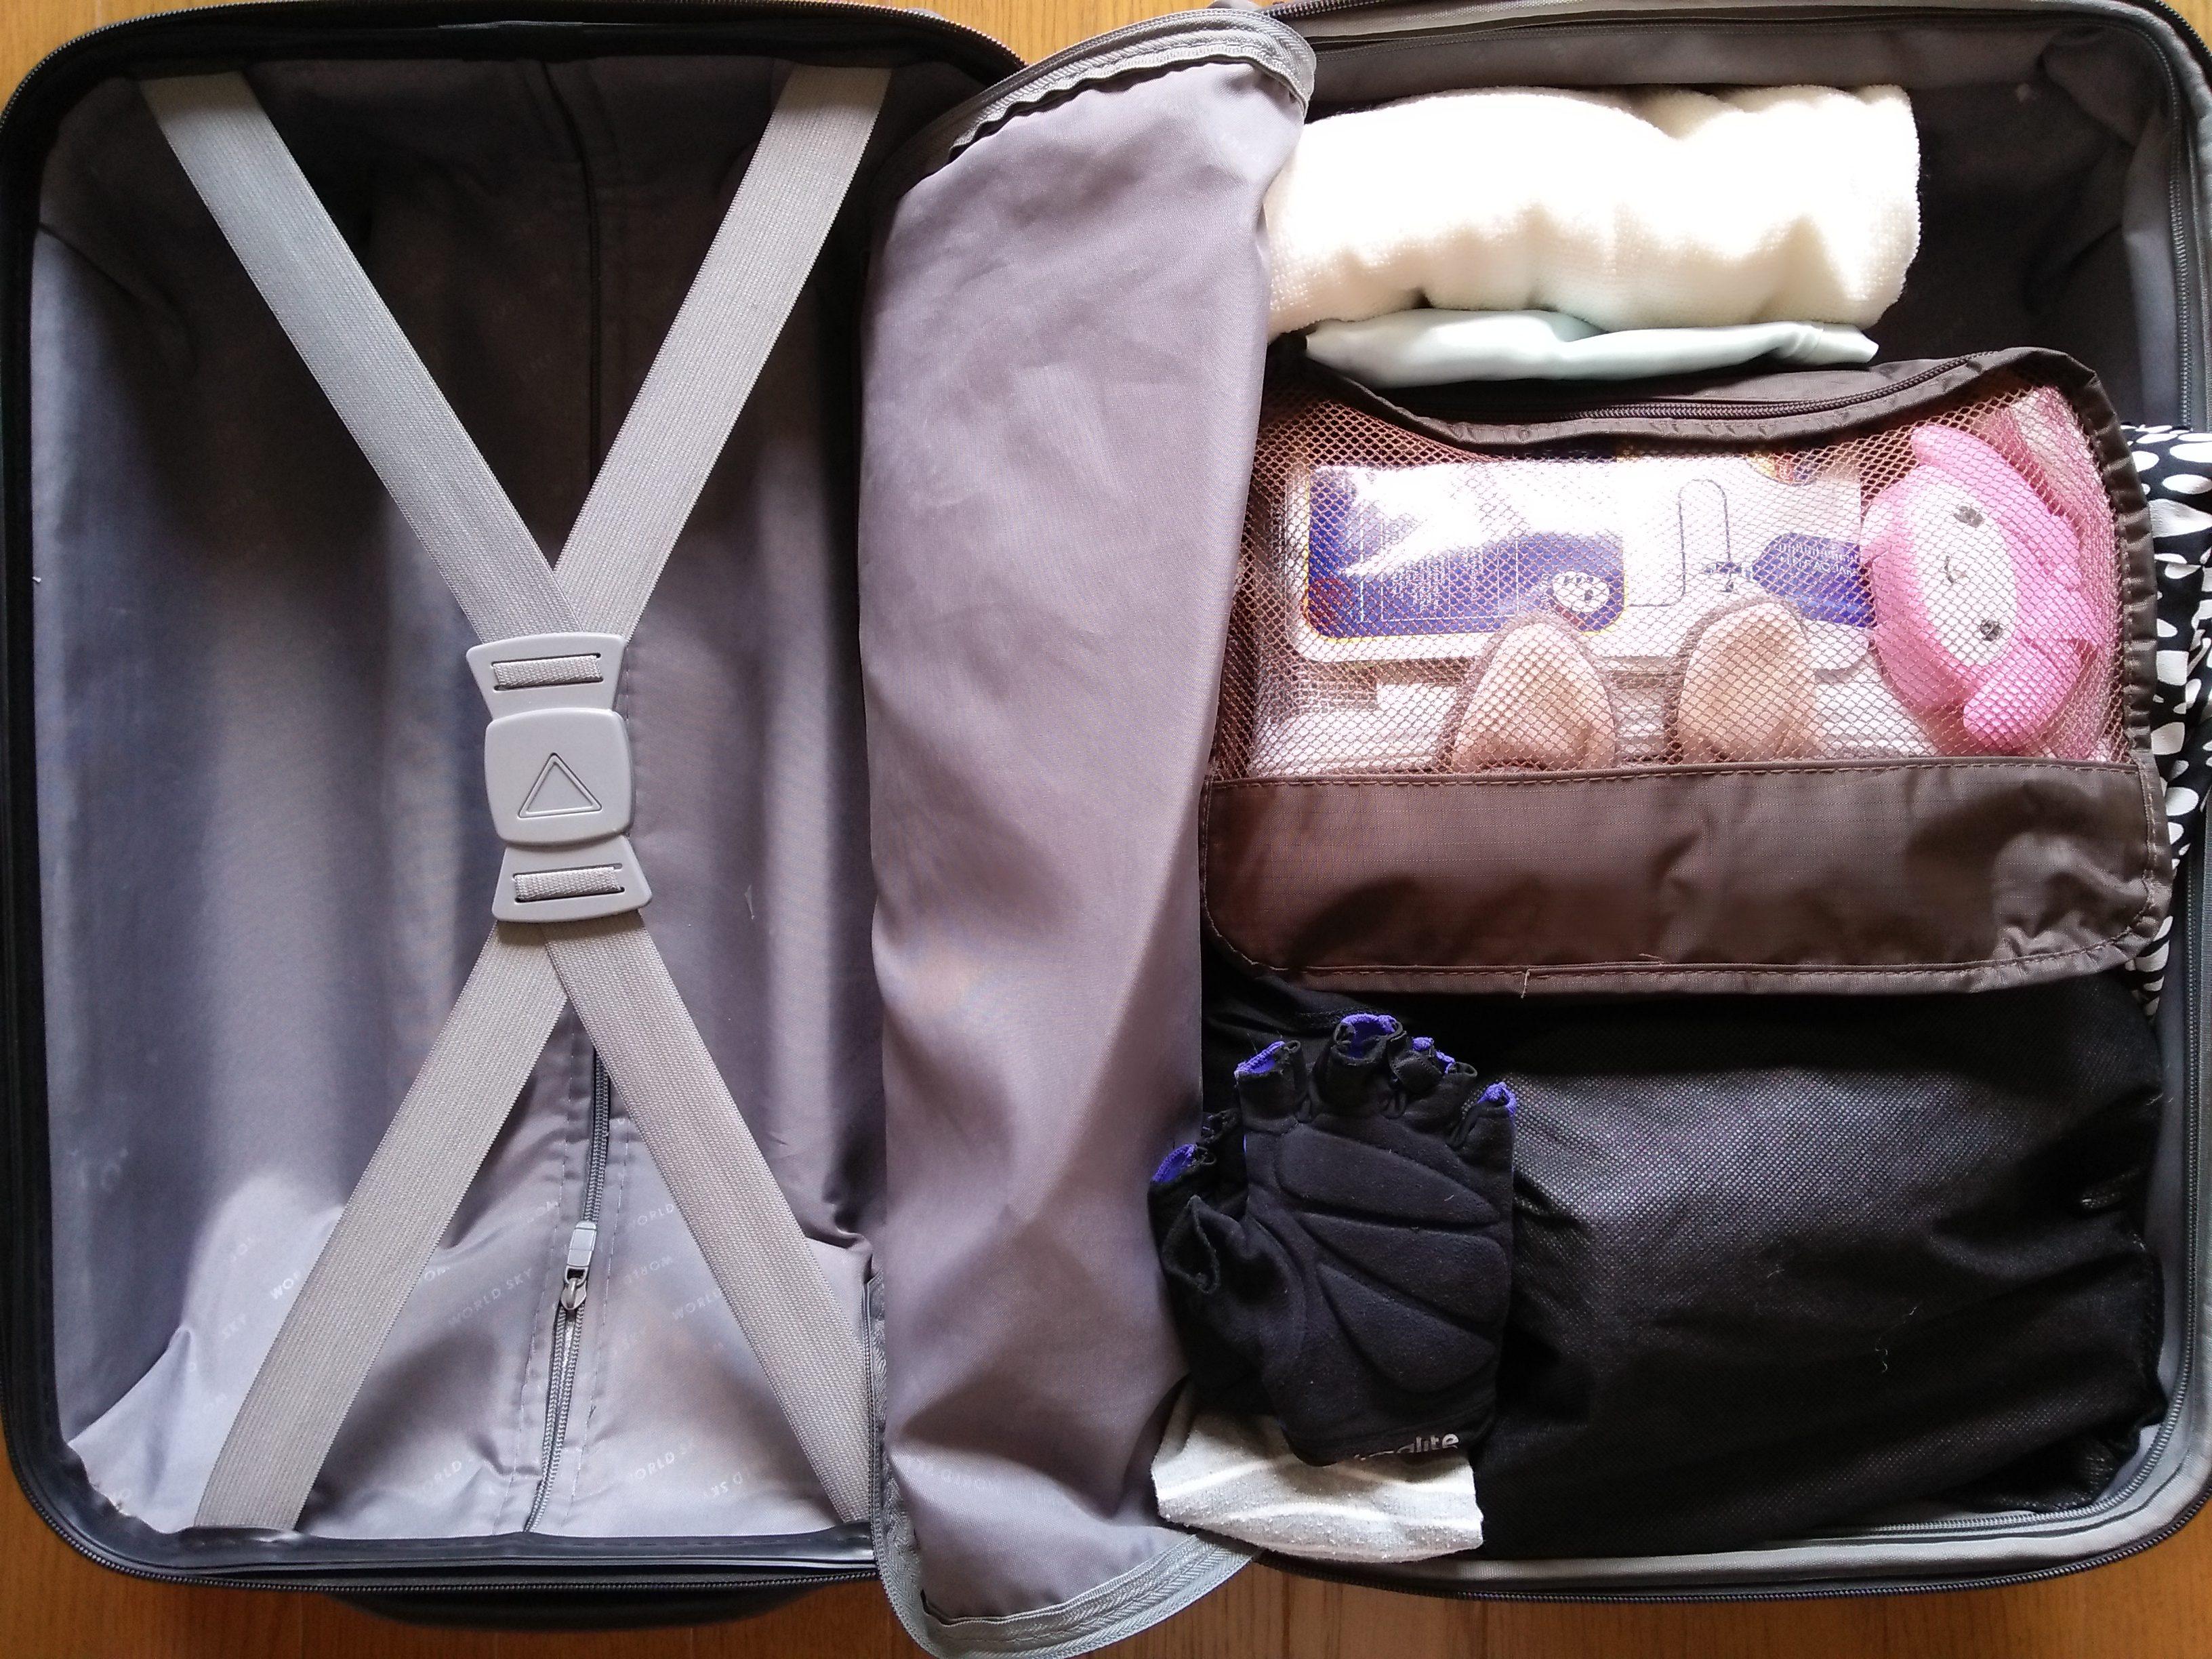 海外移住 ミニマリスト女性旅行時の持ち物リスト スーツケースに詰めるとこんな感じ。